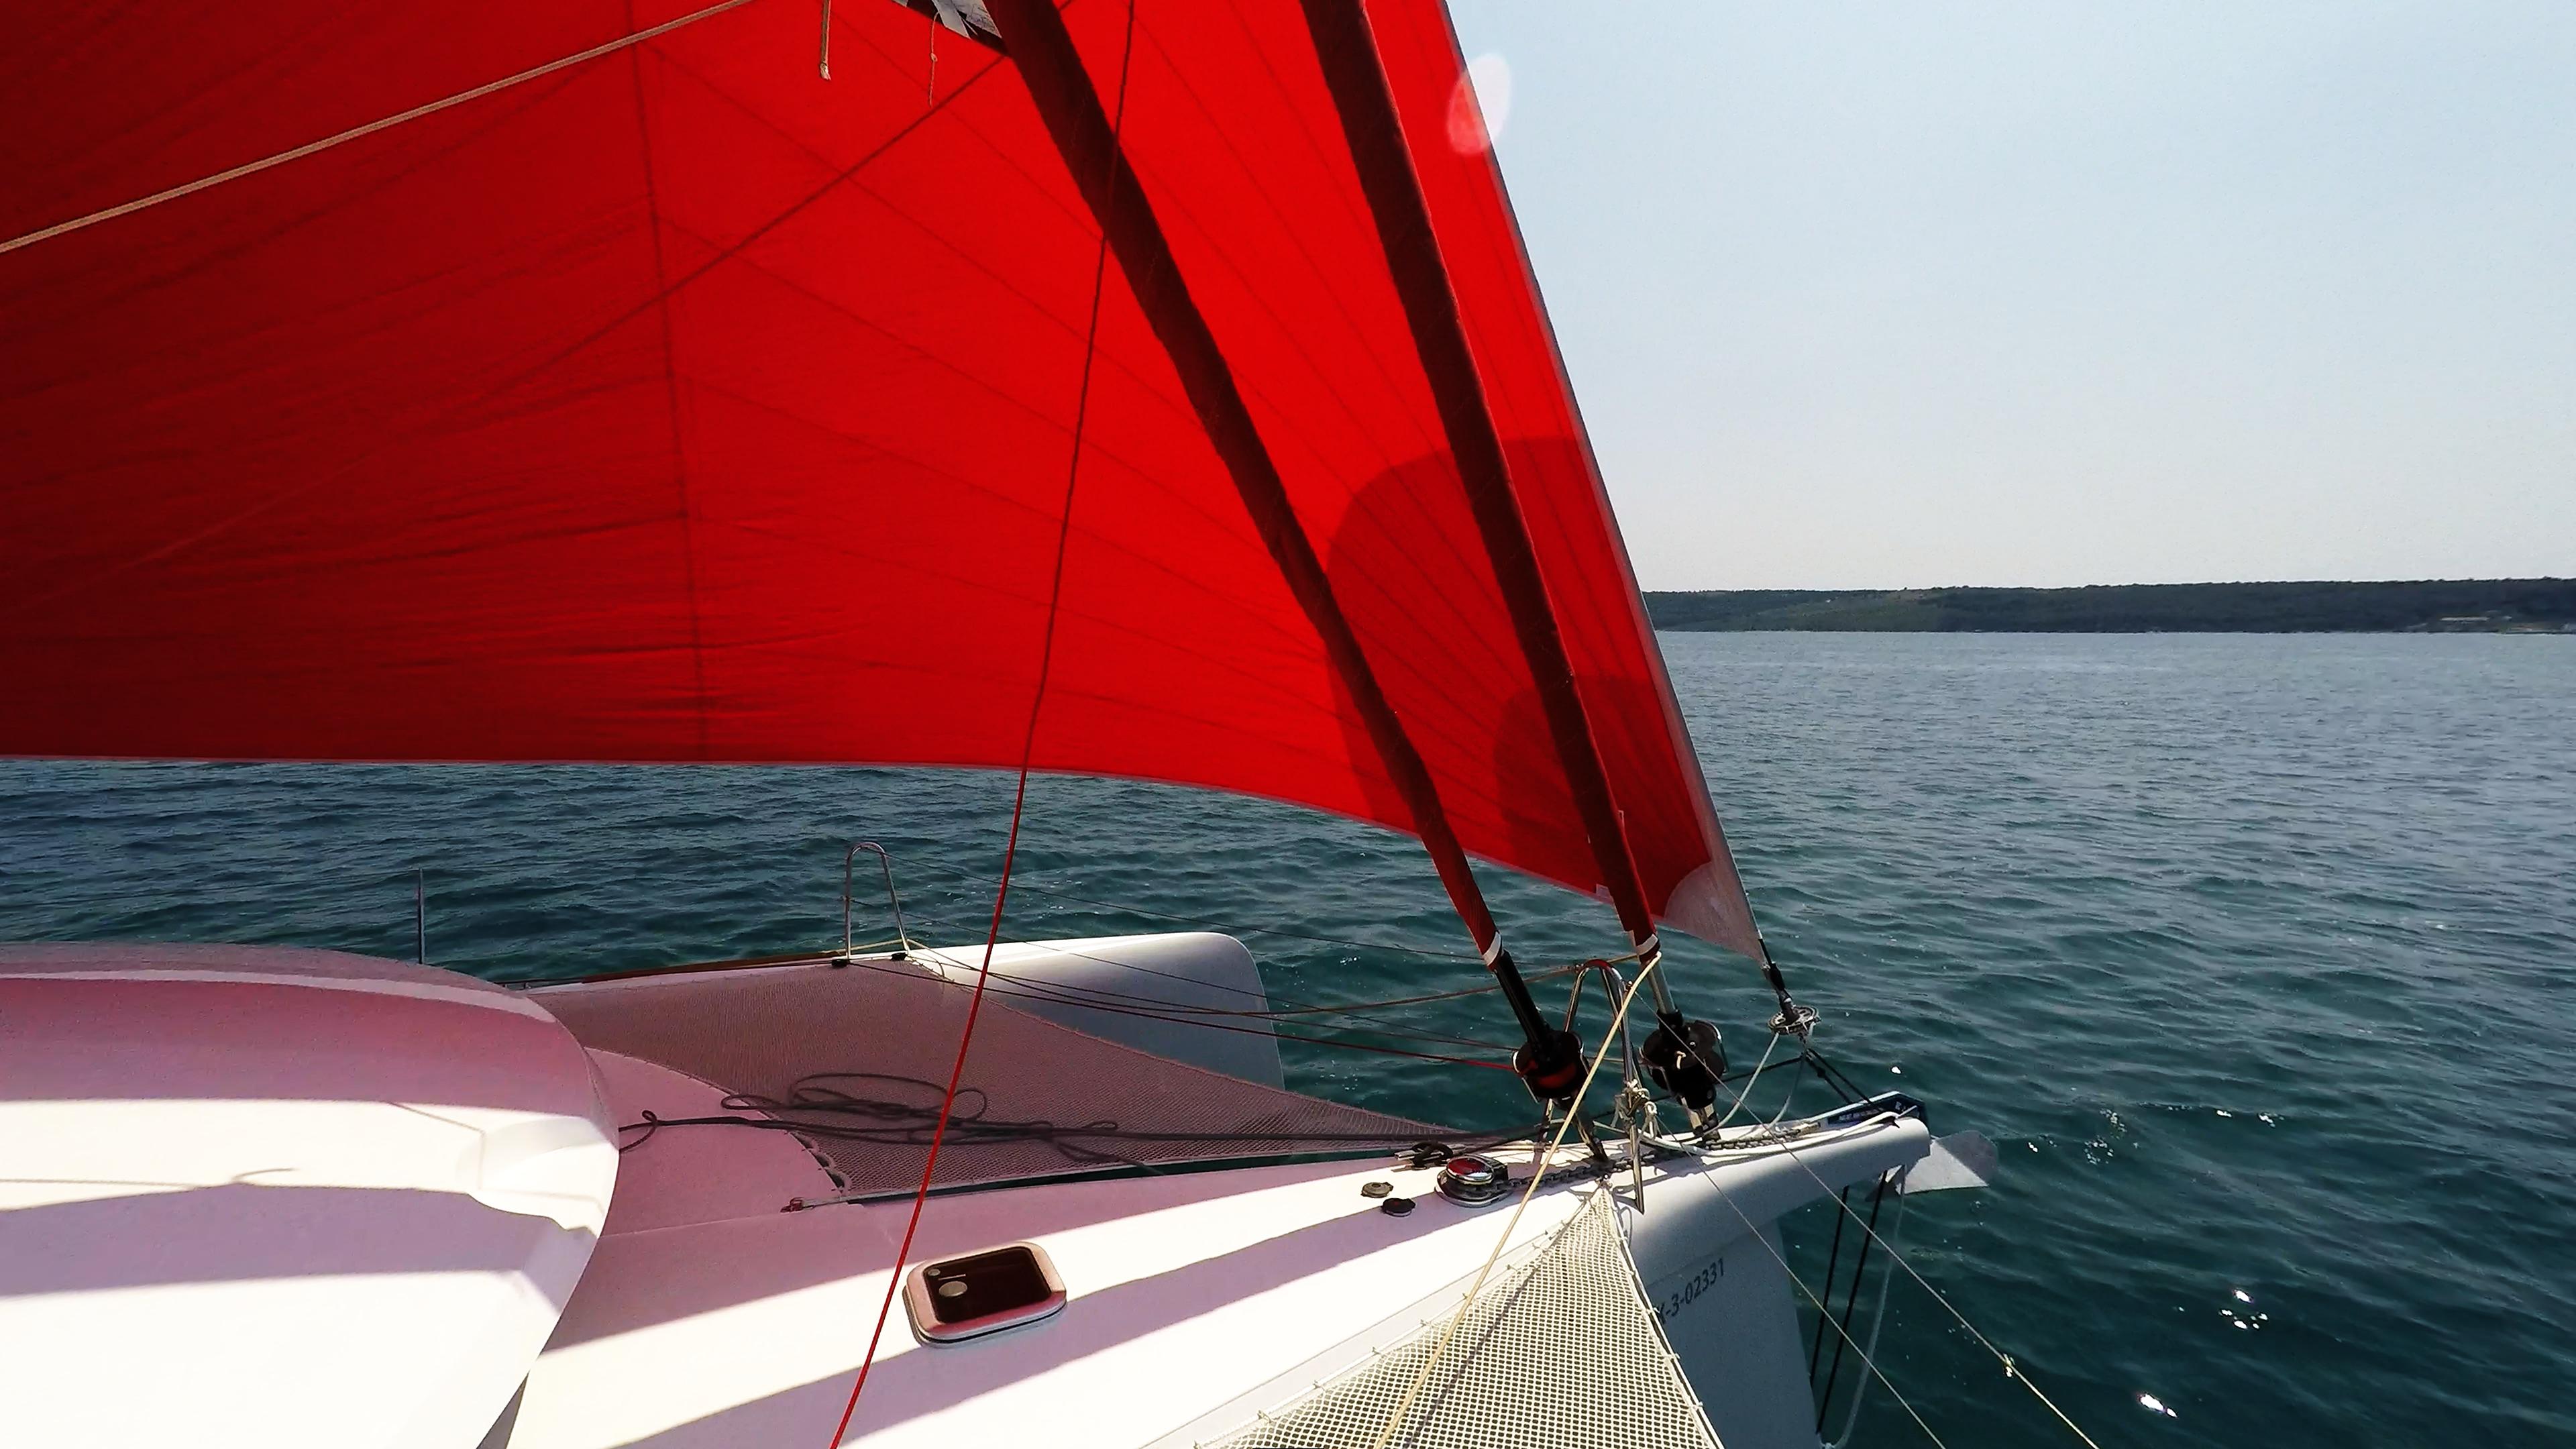 prua di multiscafo yacht gennaker vela